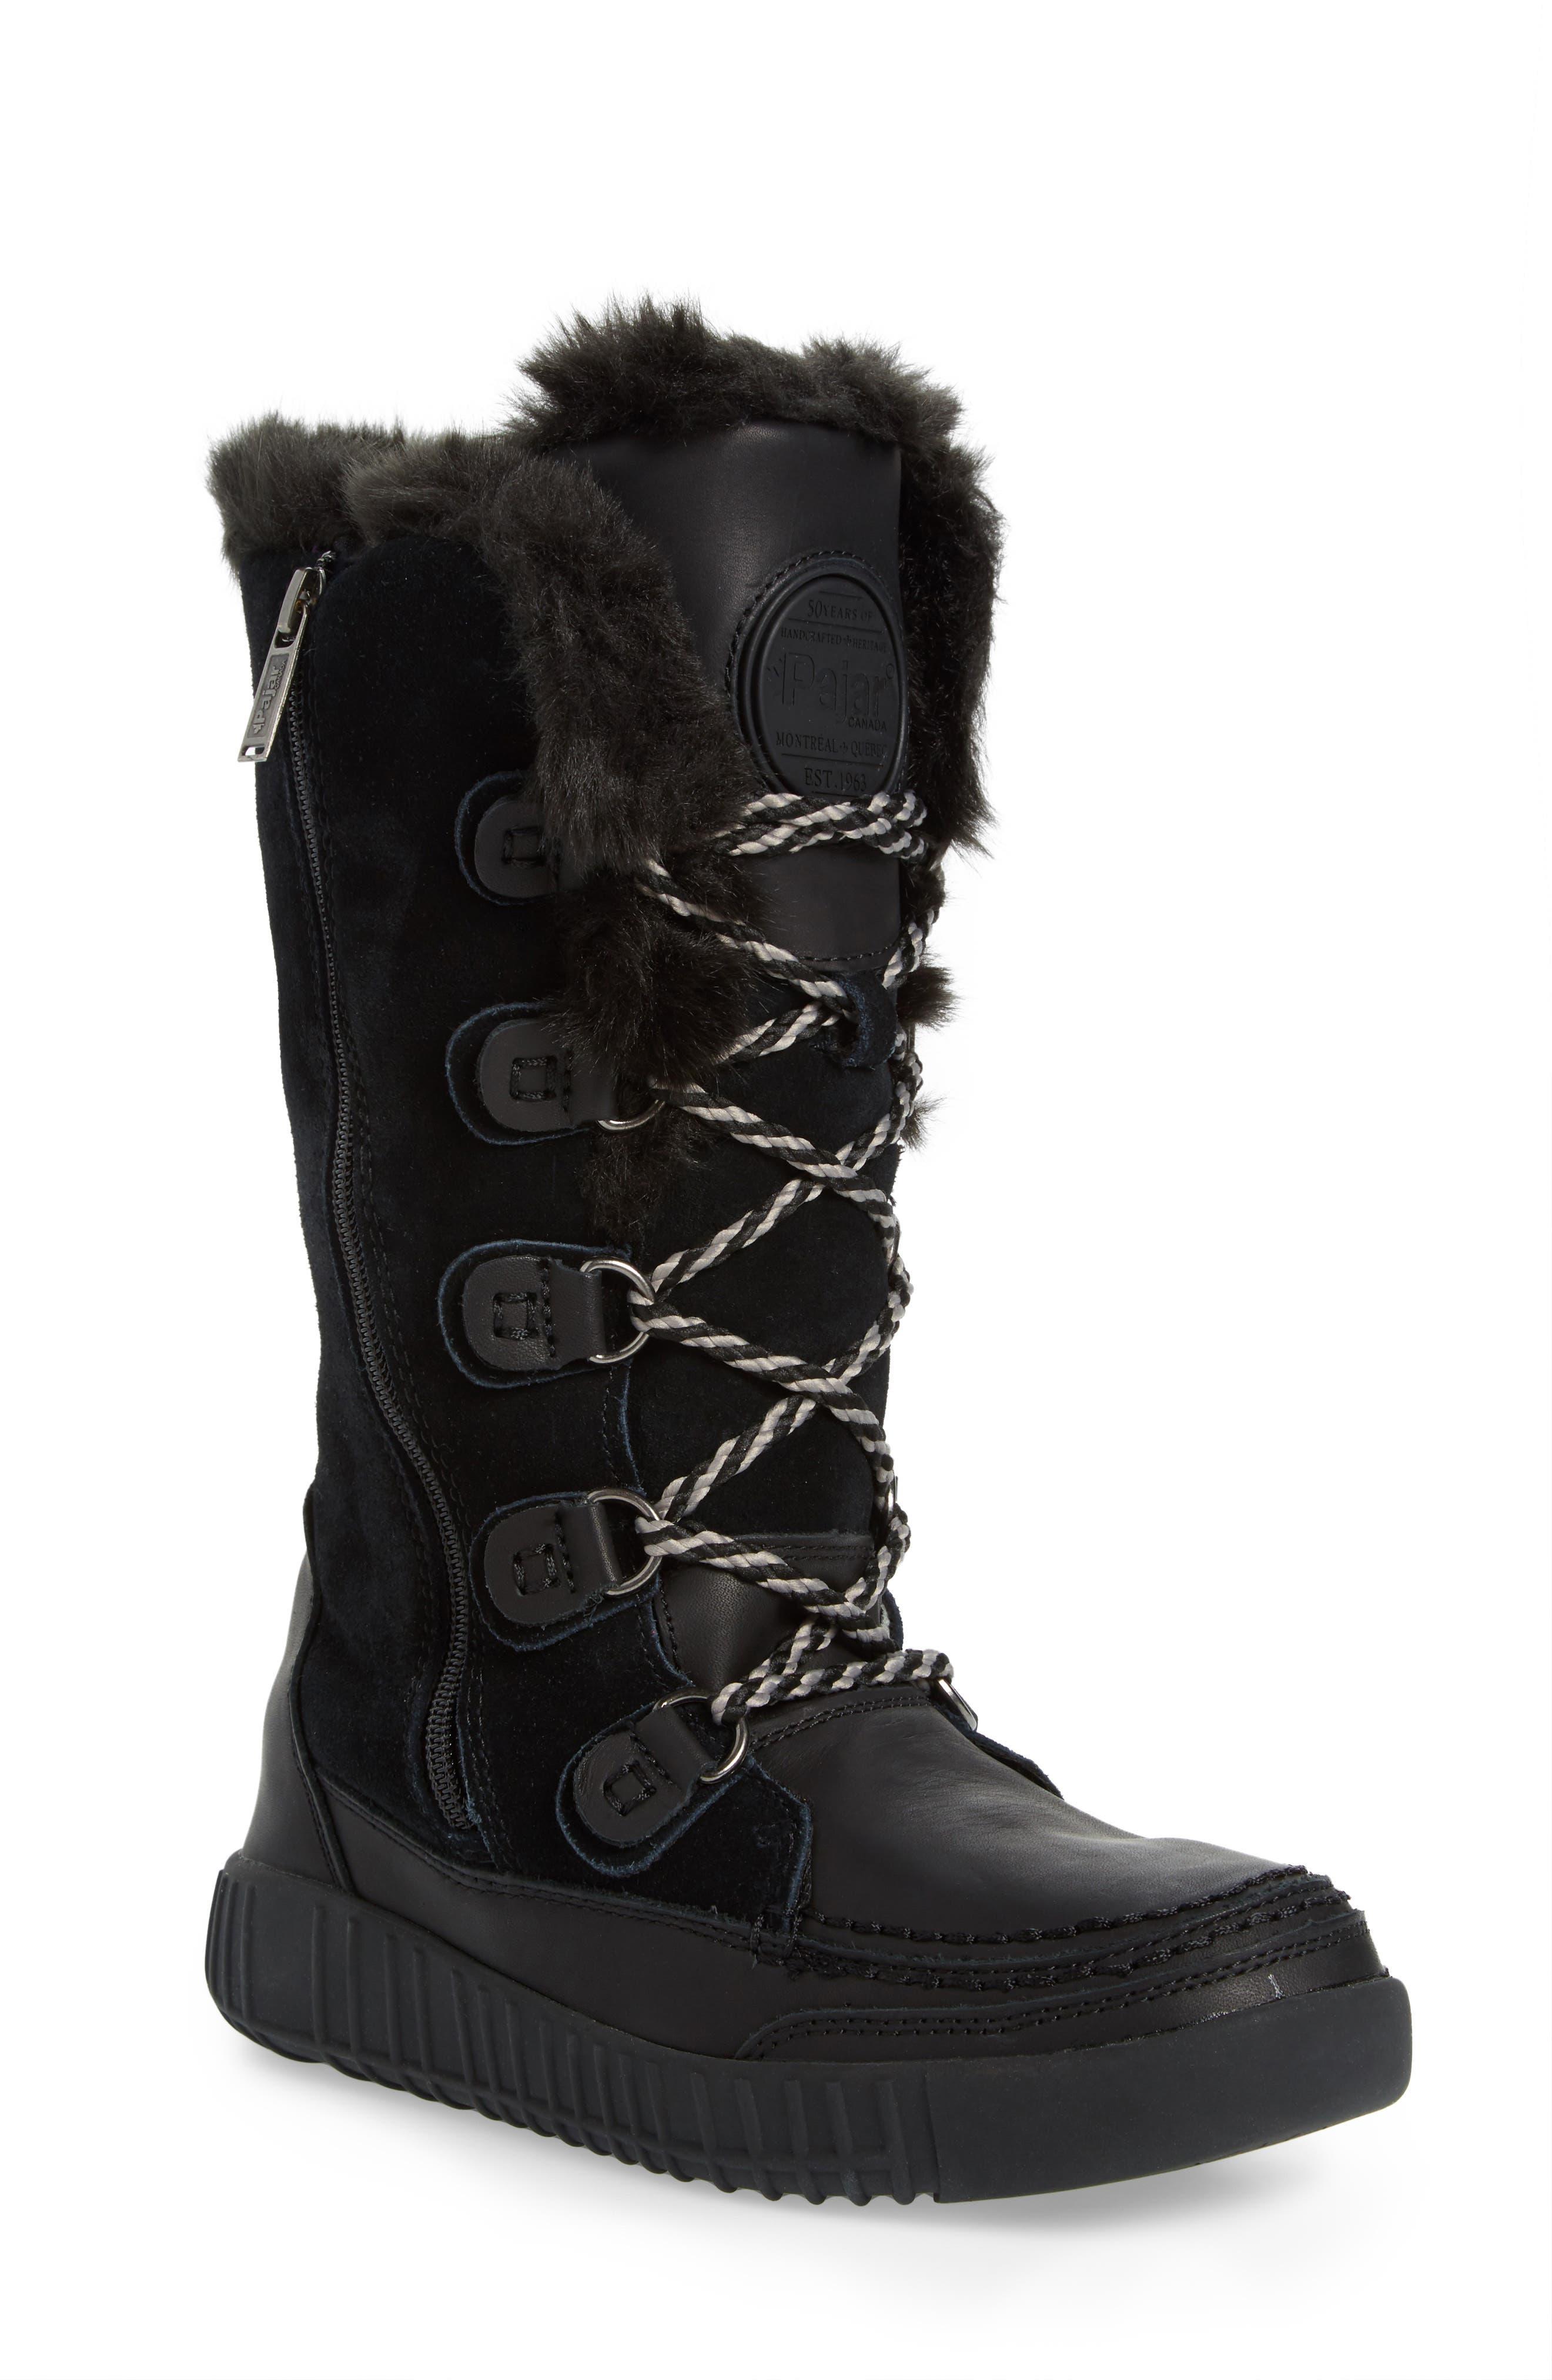 Paityn Waterproof Boot,                         Main,                         color, Black